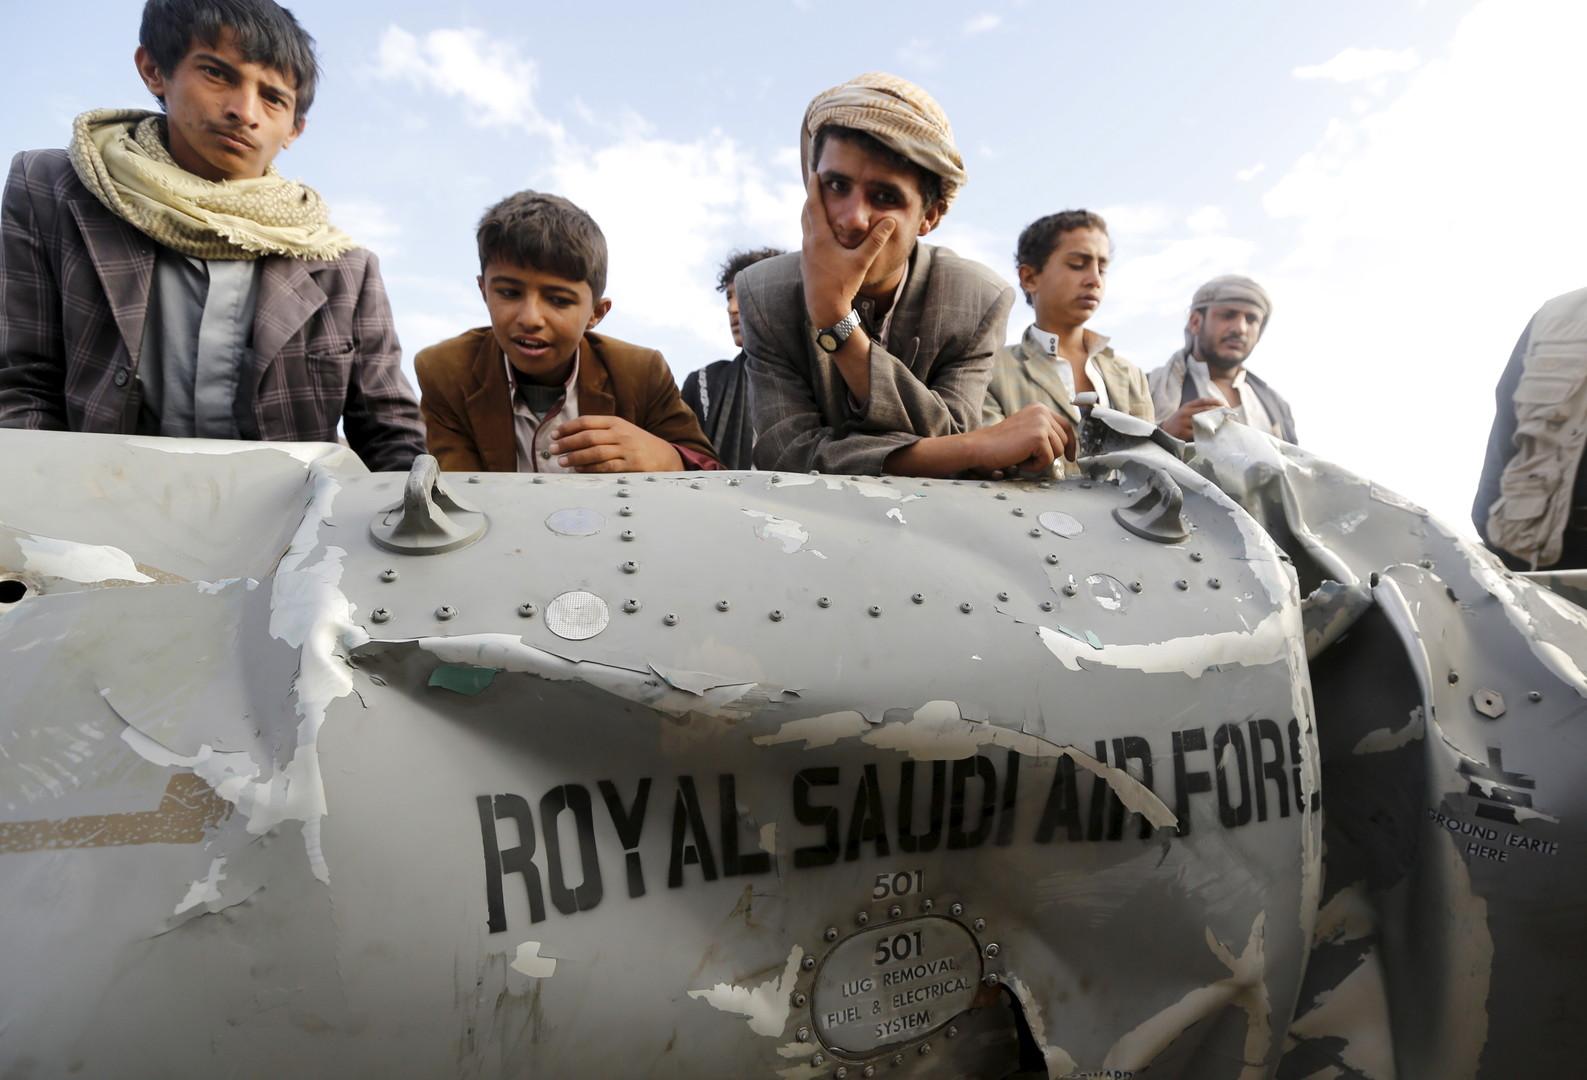 Kein königliches Verhalten: Saudi-Arabien plant Abschiebung von fünf Millionen Migranten